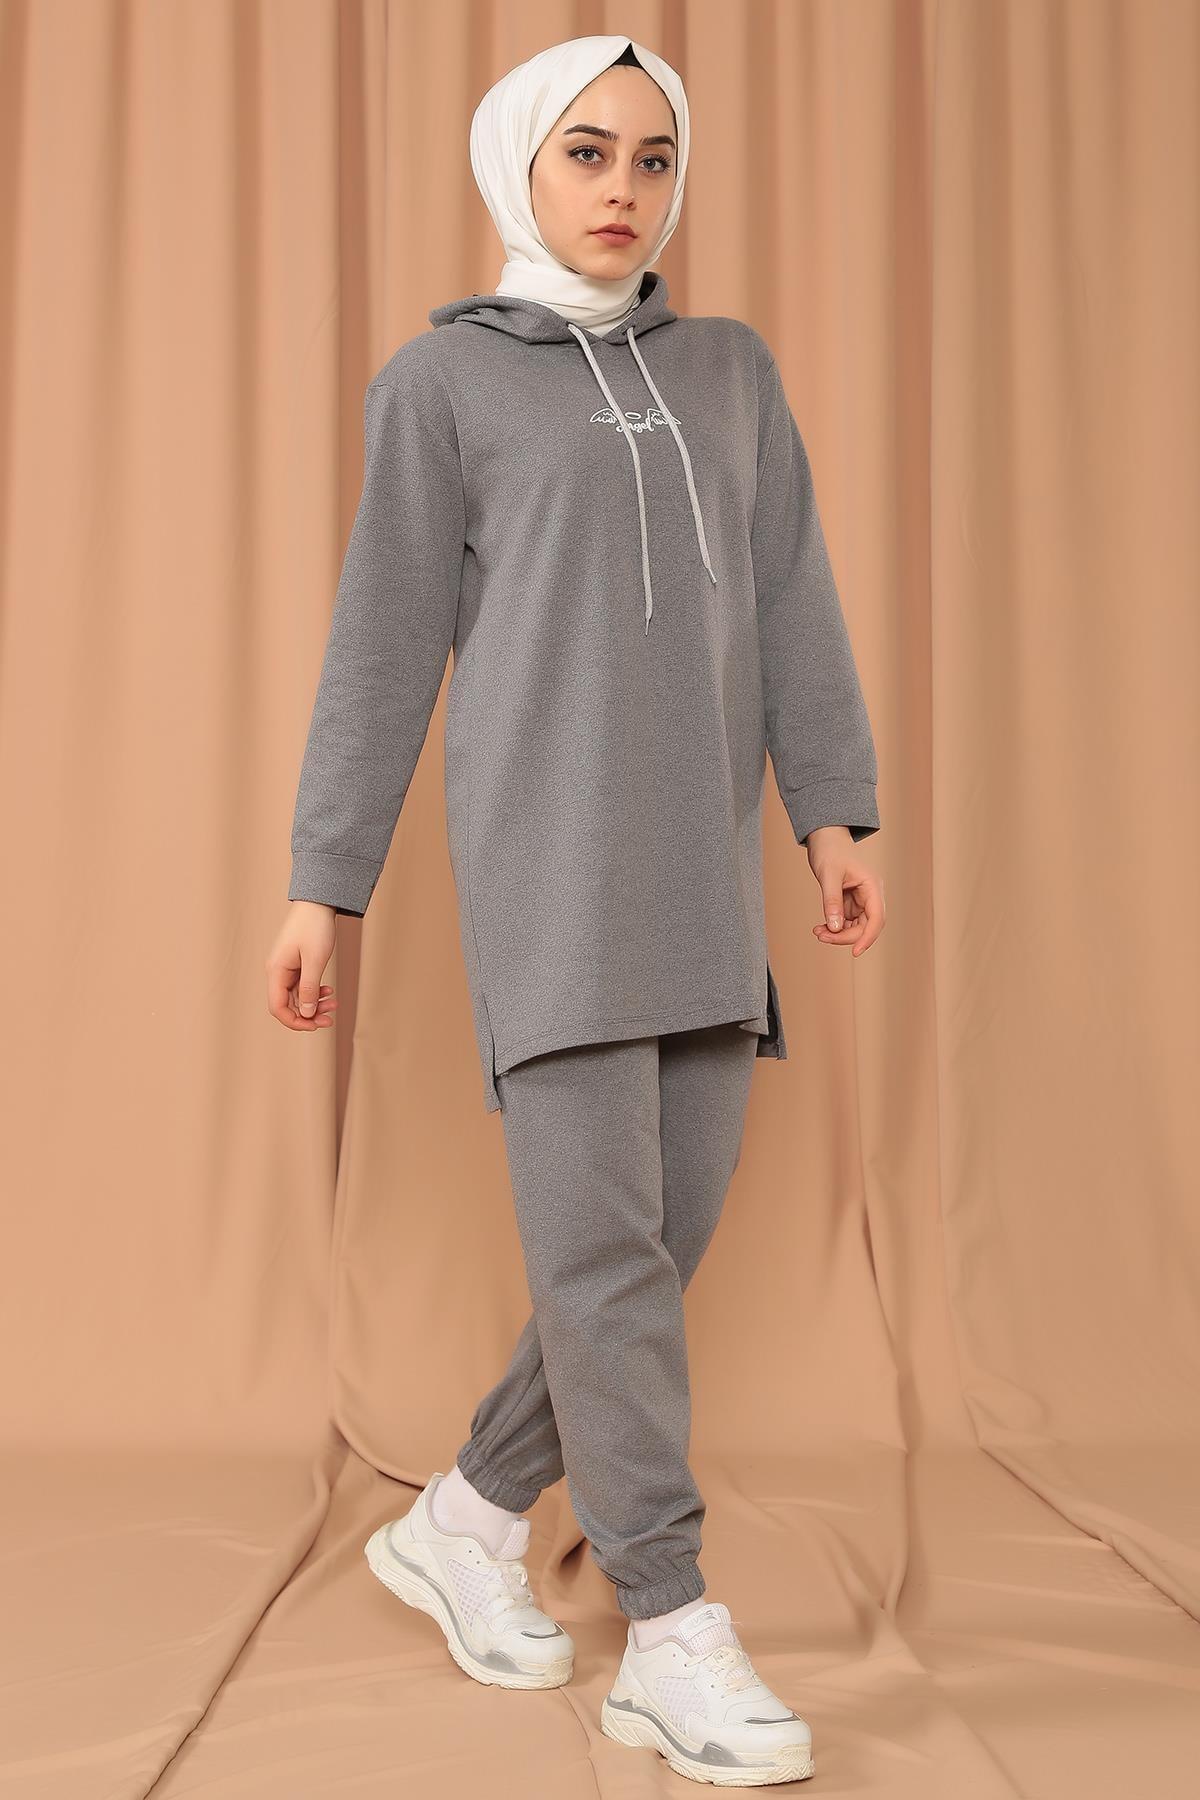 MODA GÜLAY Angel Baskılı Kapşonlu Pantalonlu Takım 1